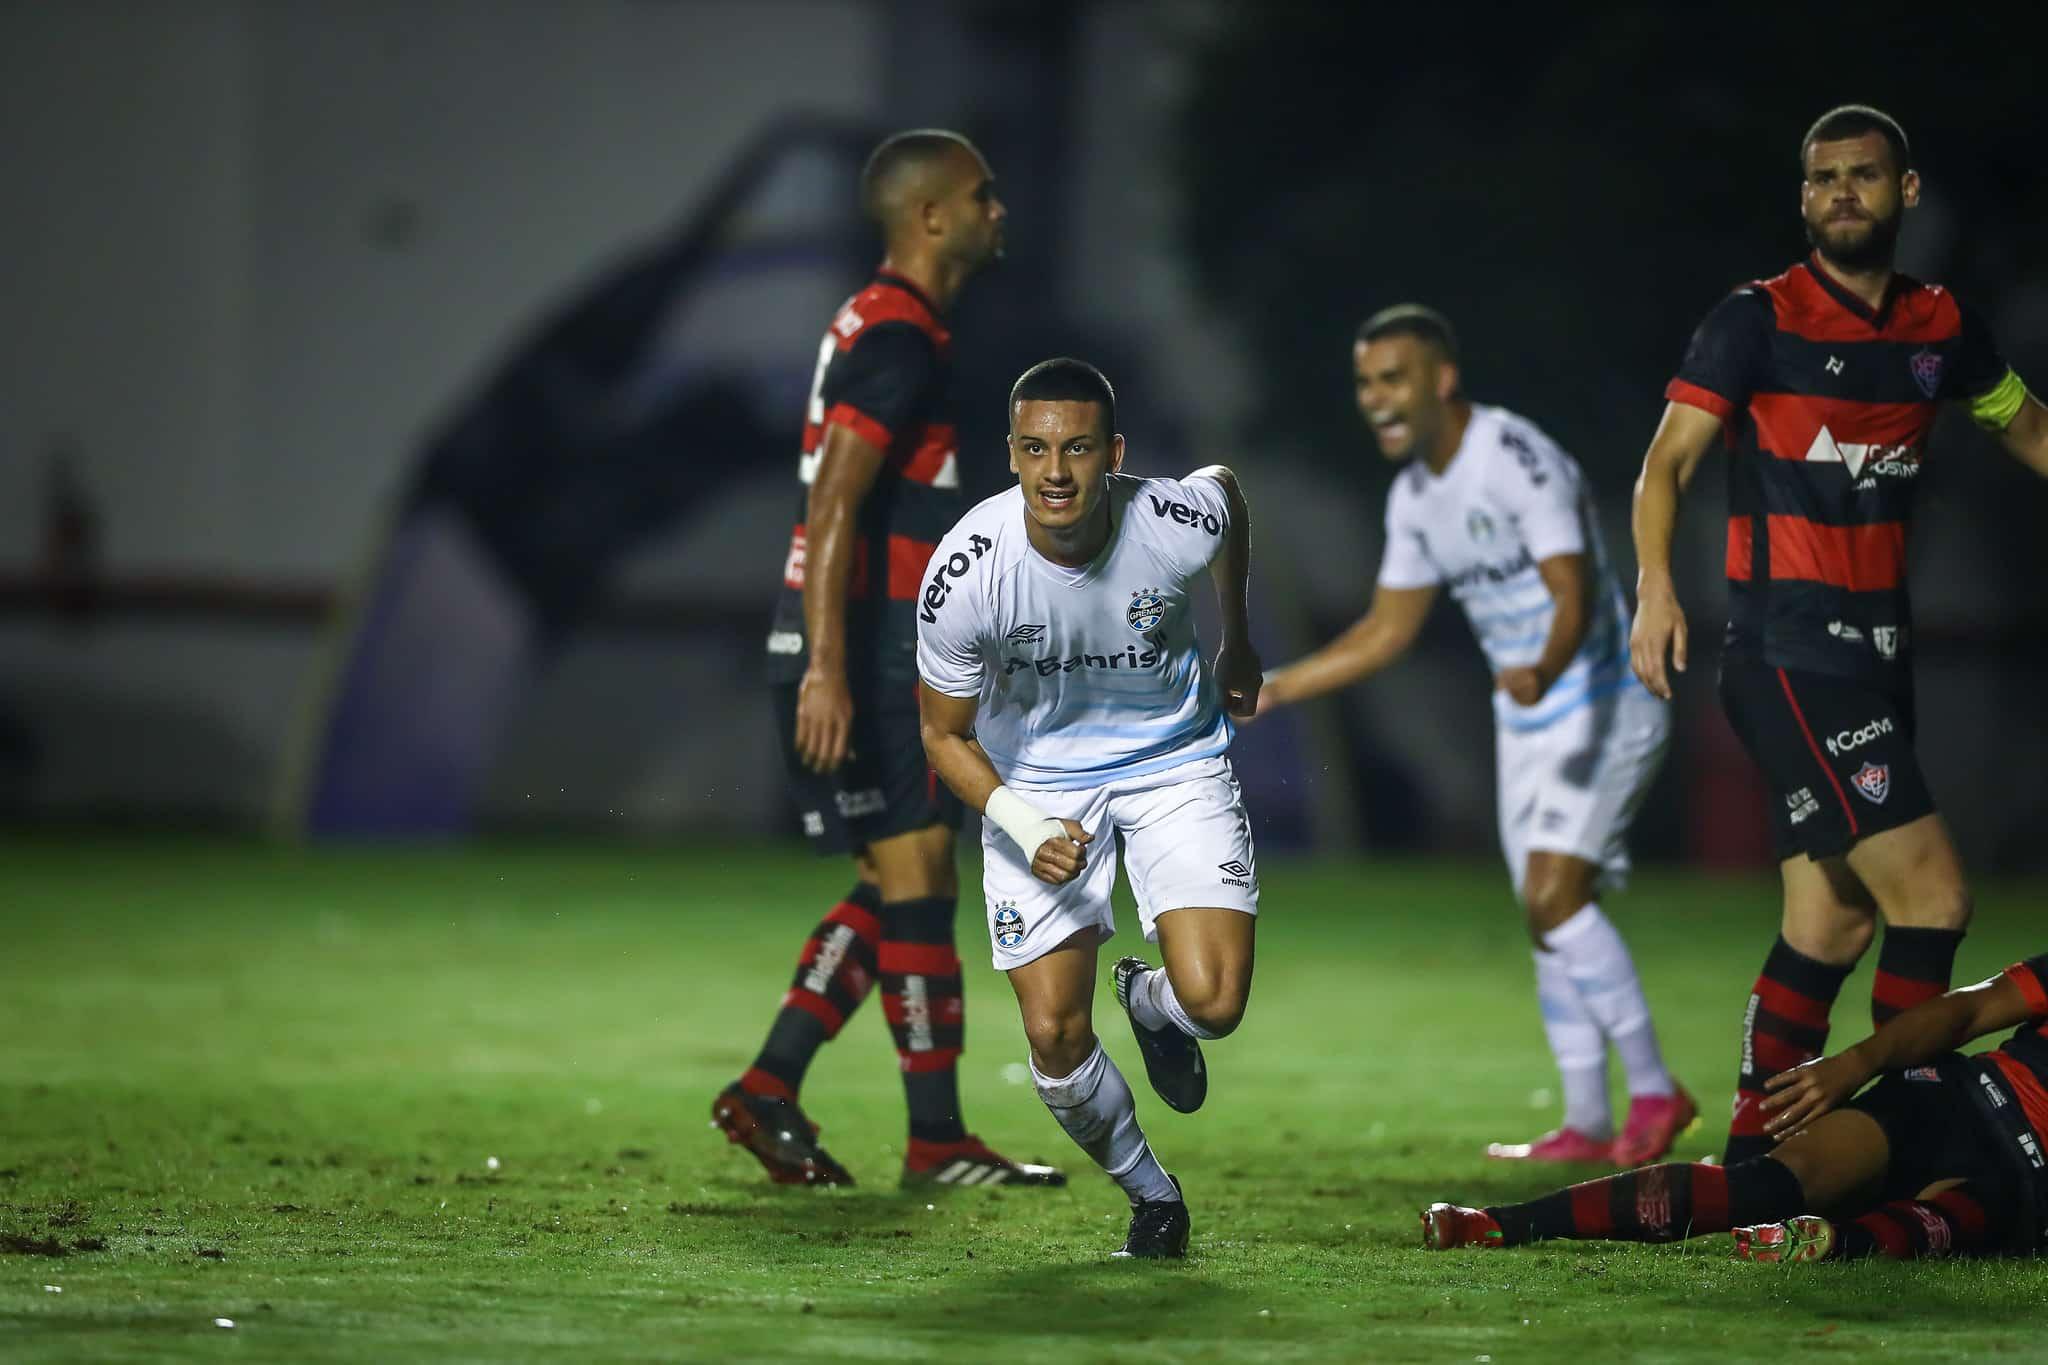 Em duas oportunidades, o Grêmio eliminou o Vitória nas quartas de final do torneio. Em cinco encontros na competição, foram quatro triunfos